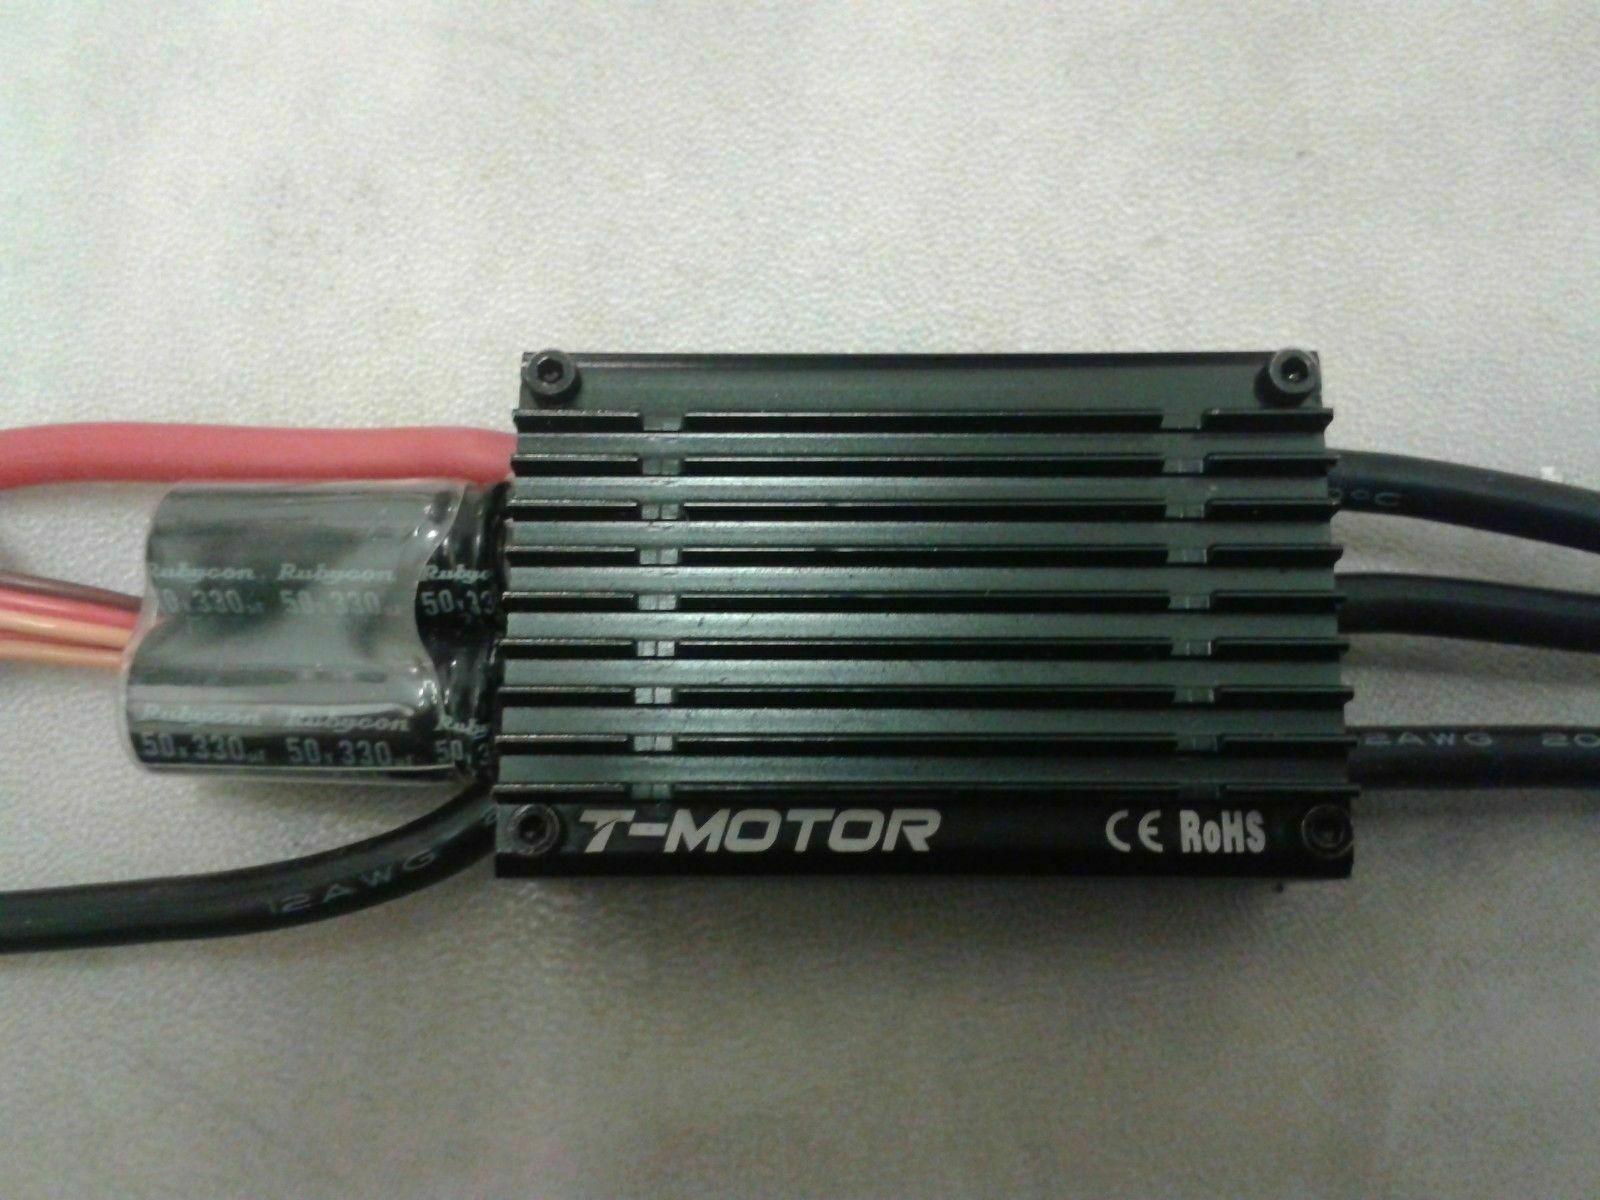 - Motore 70A T PRO OPTO ESC  regolatore di velocità 5 12S RC DRONE QUADRICOTTERO ESACOTTERO 8  qualità garantita